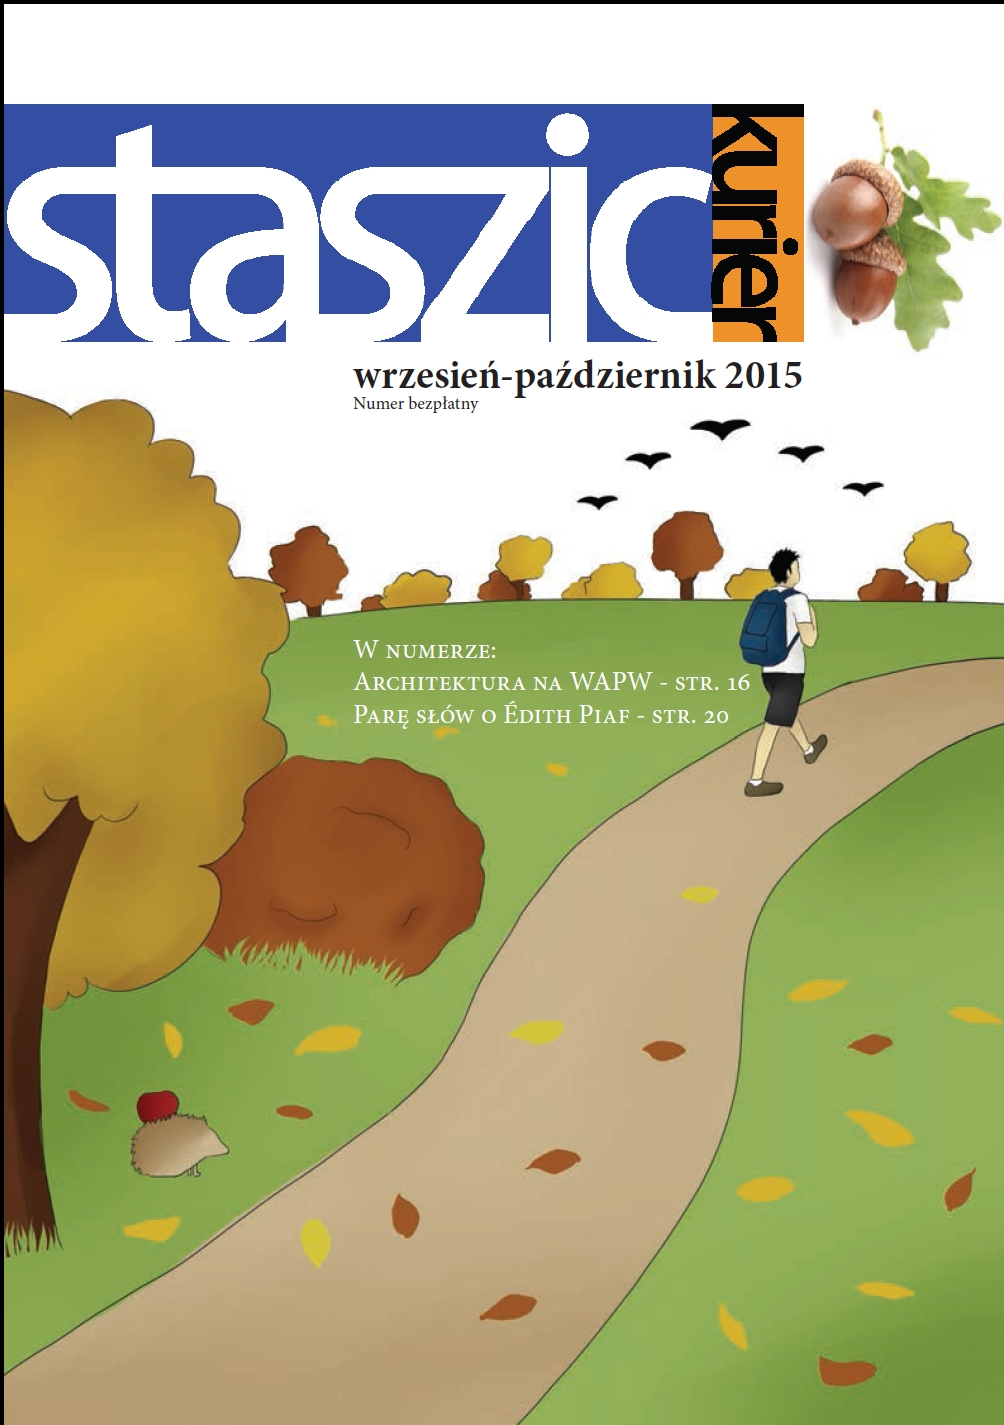 Staszic Kurier wrzesień - październik 2015